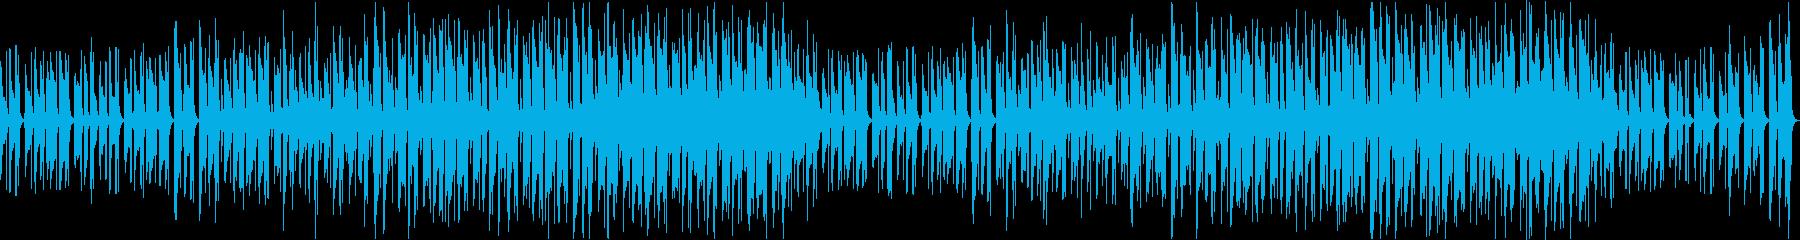 爽やかゆったりほのぼの軽快なボサノバaの再生済みの波形